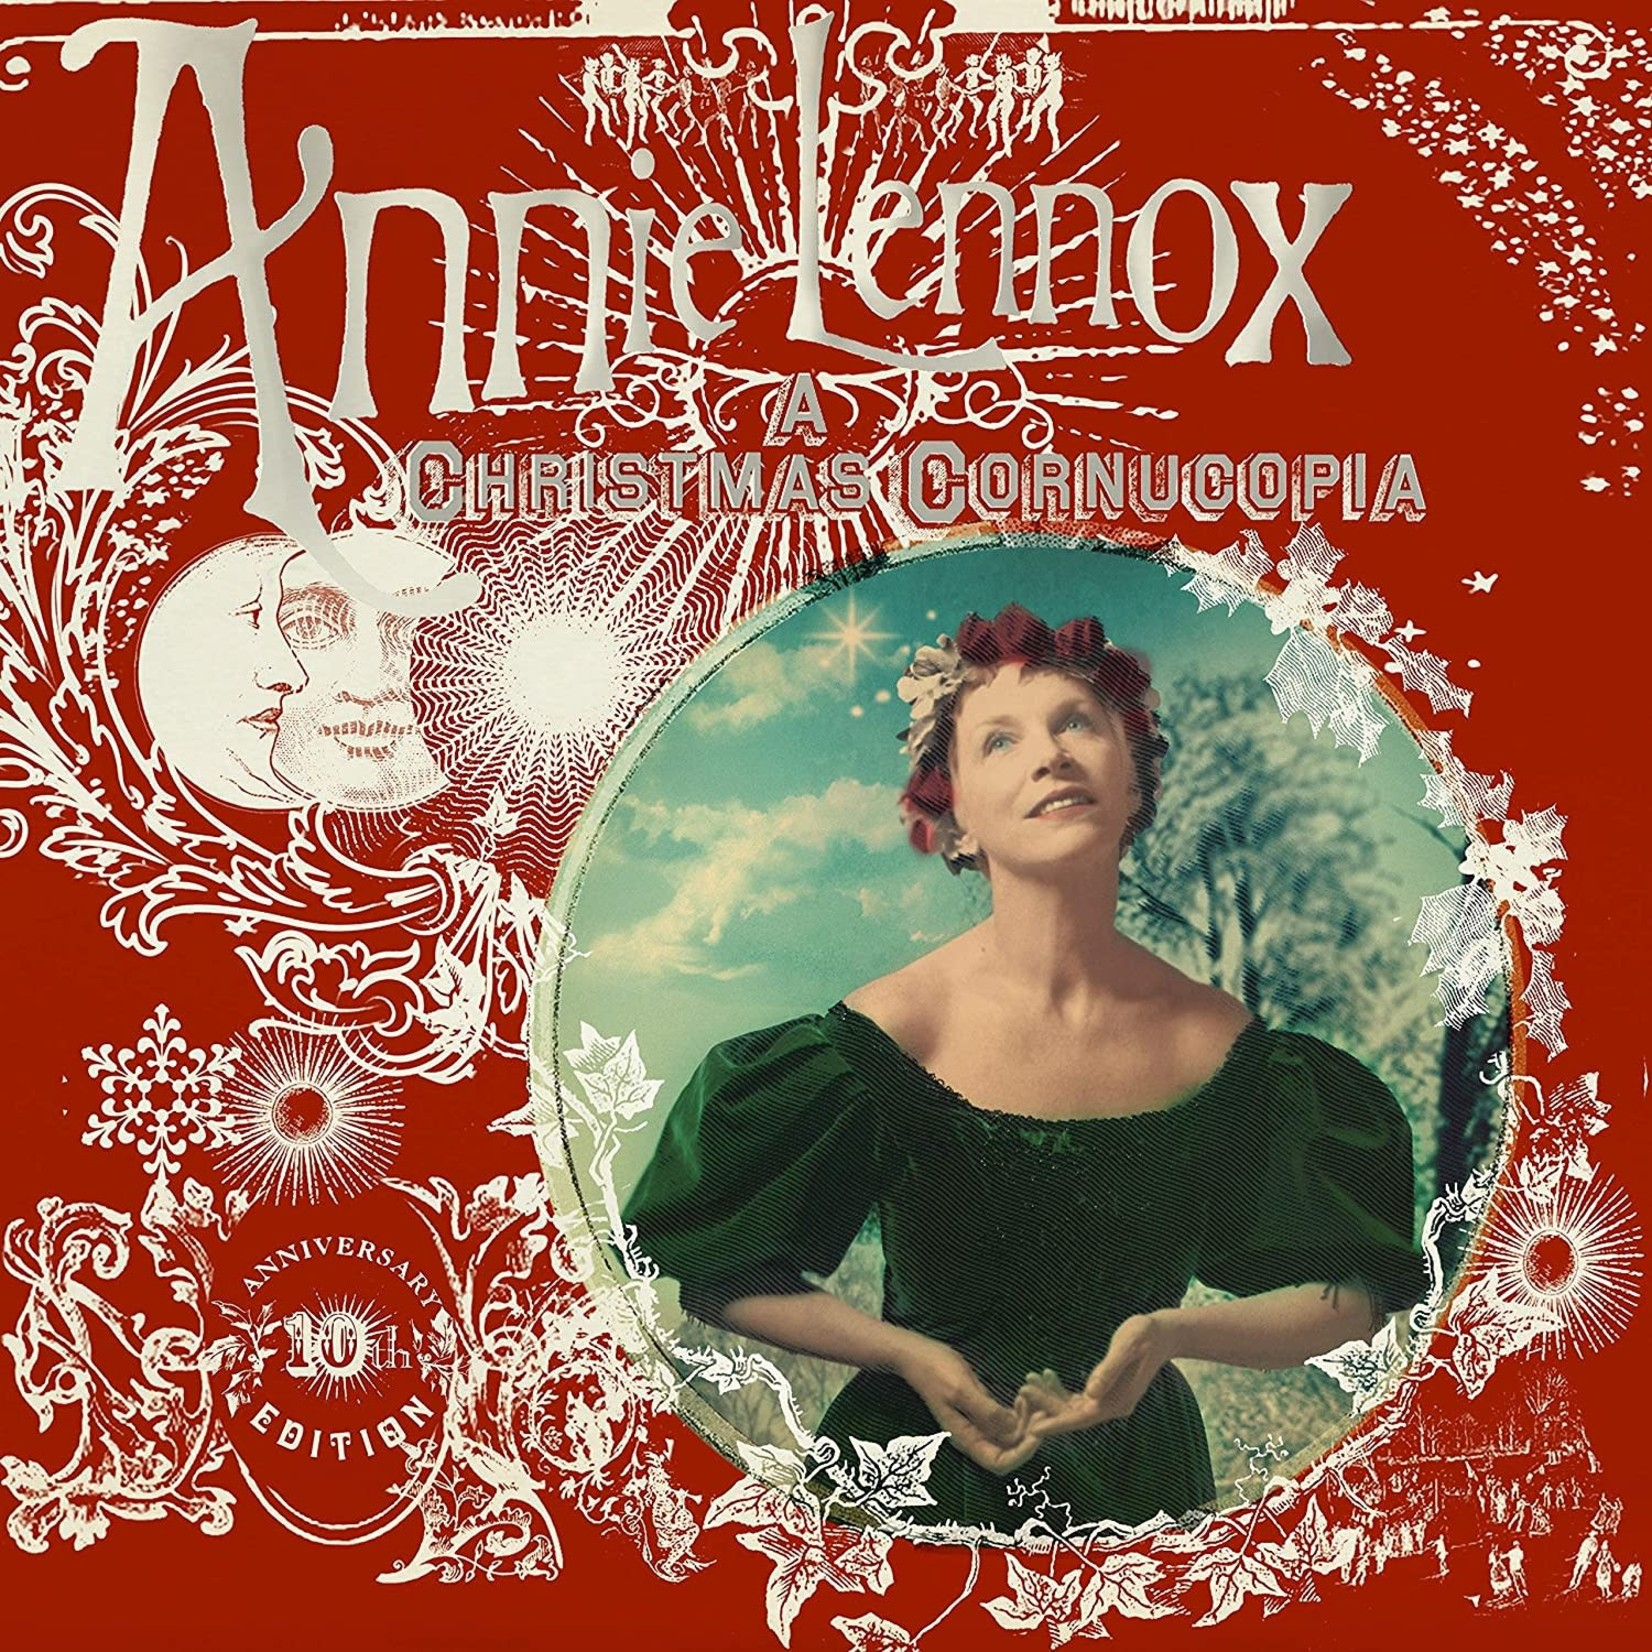 ANNIE LENNOX A CHRISTMAS CORNUCOPIA 10TH ANNIVERSARY LP